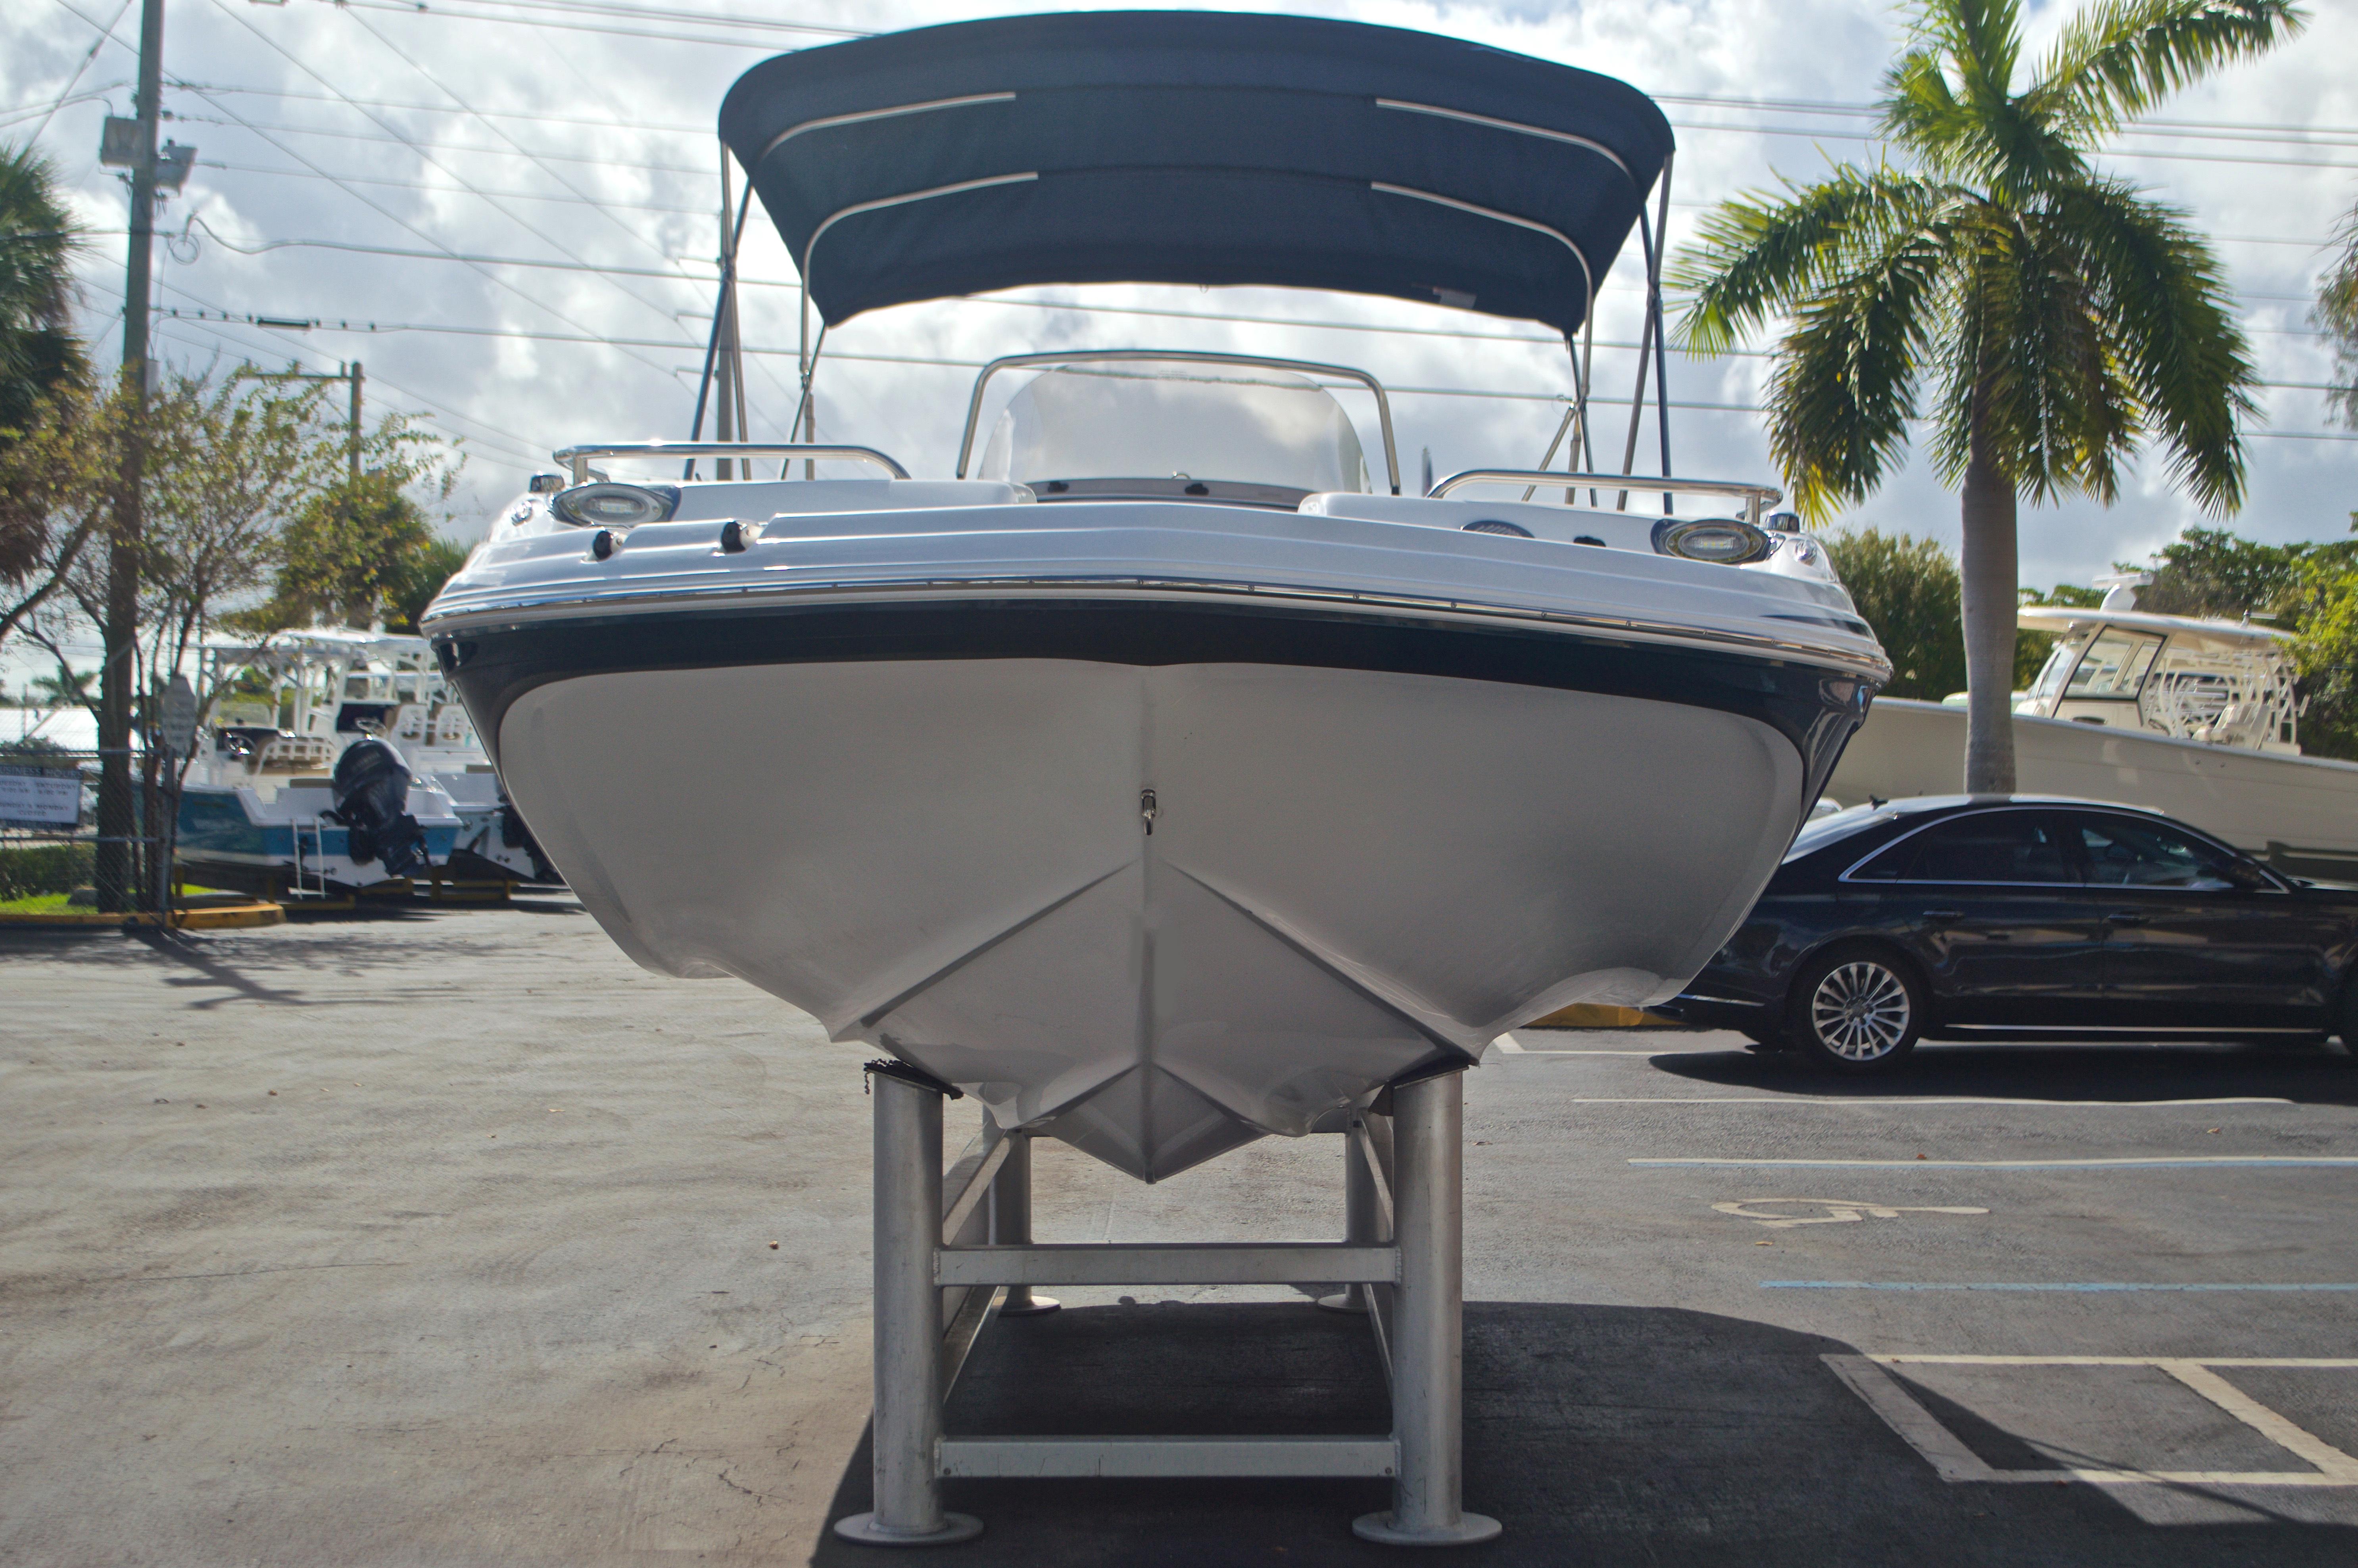 Thumbnail 2 for New 2017 Hurricane SunDeck Sport SS 211 OB boat for sale in Vero Beach, FL